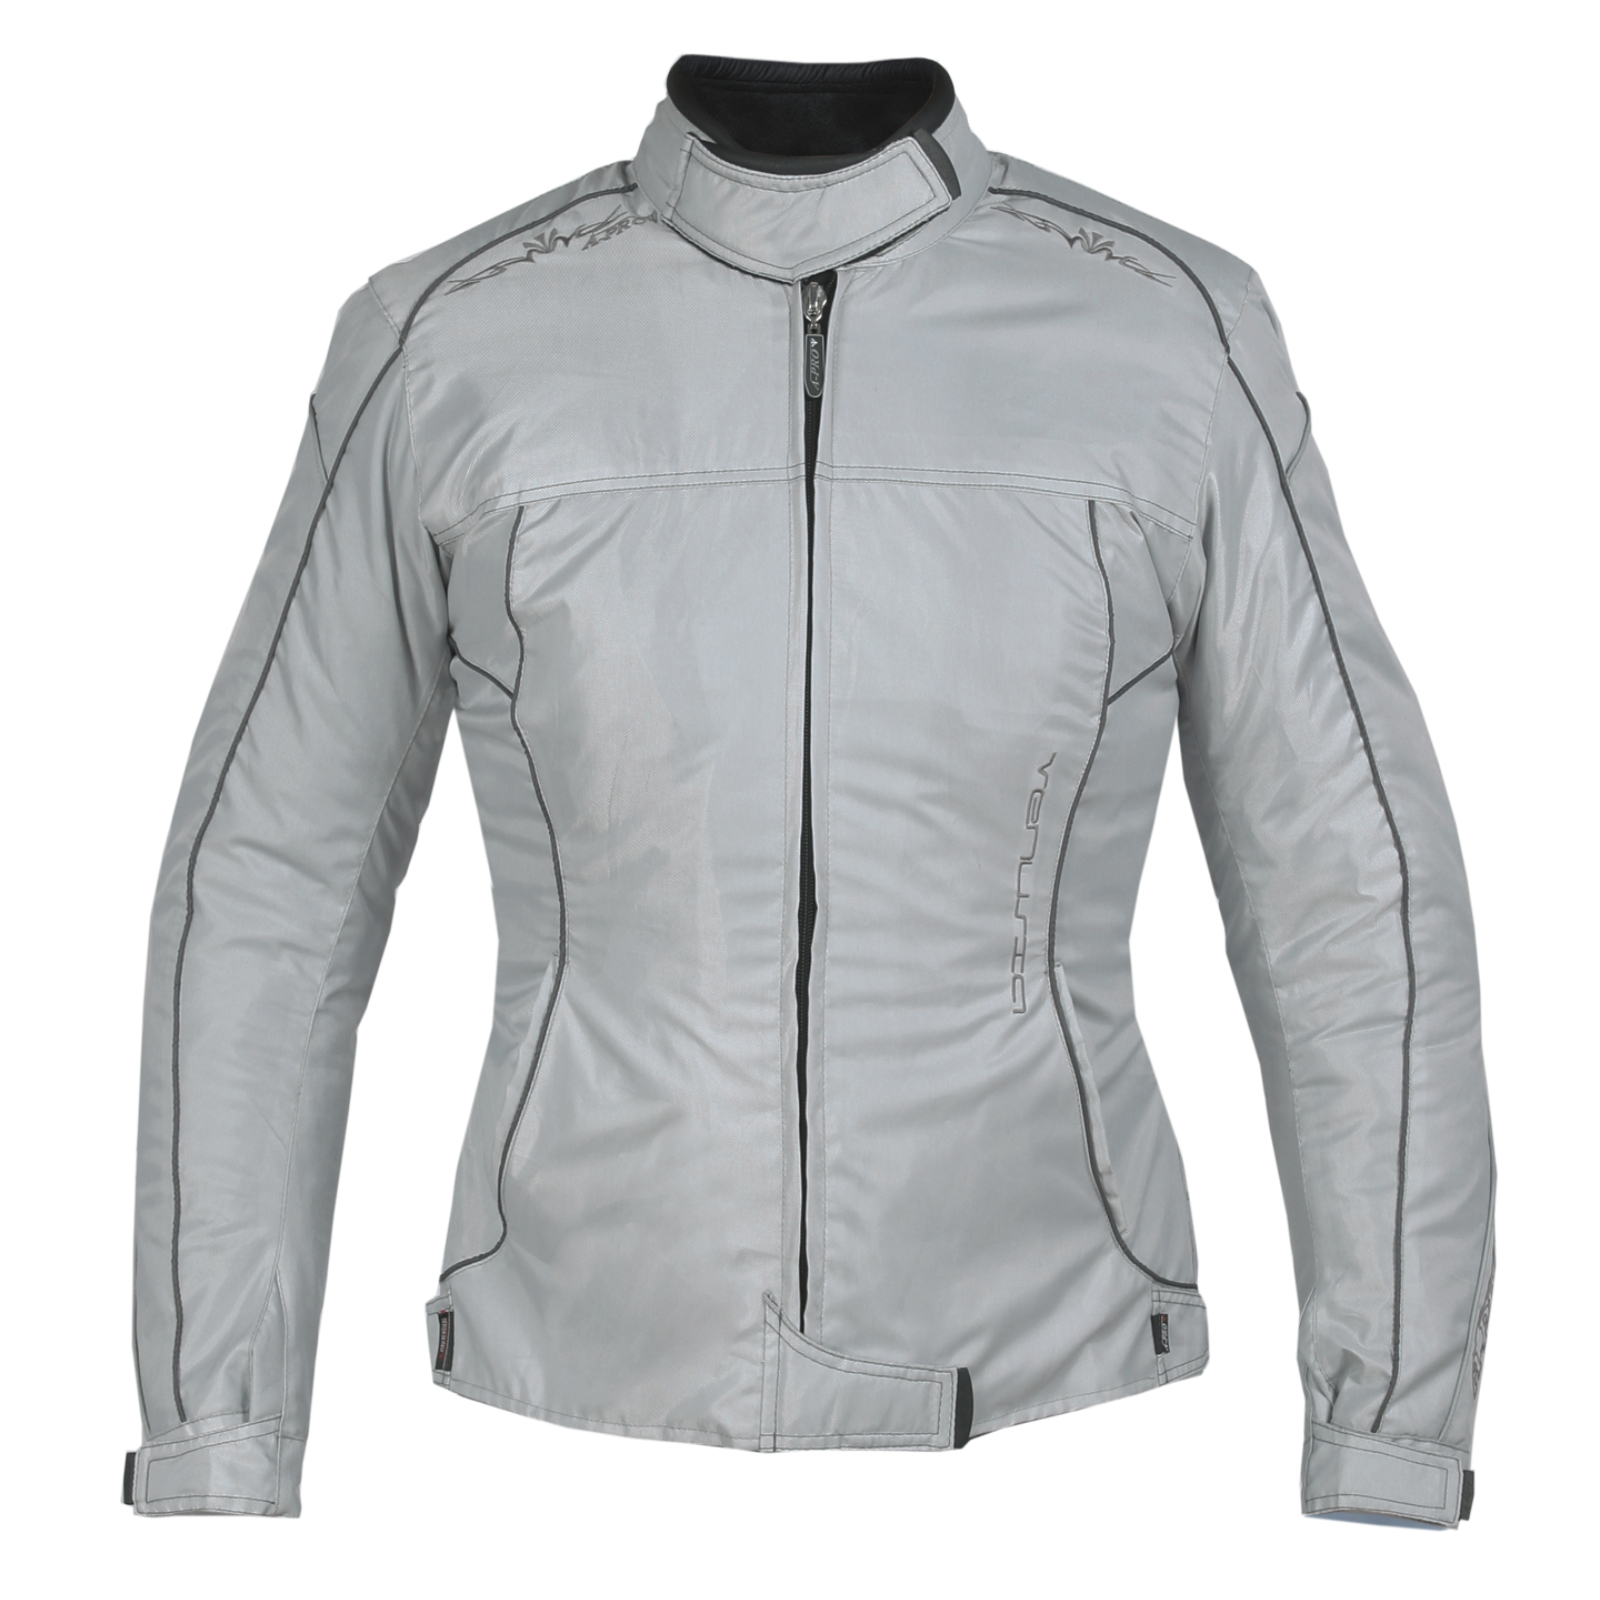 Giacca-Lady-Moto-Donna-Tessuto-Protezioni-CE-Termico-Sfoderabile-Scooter